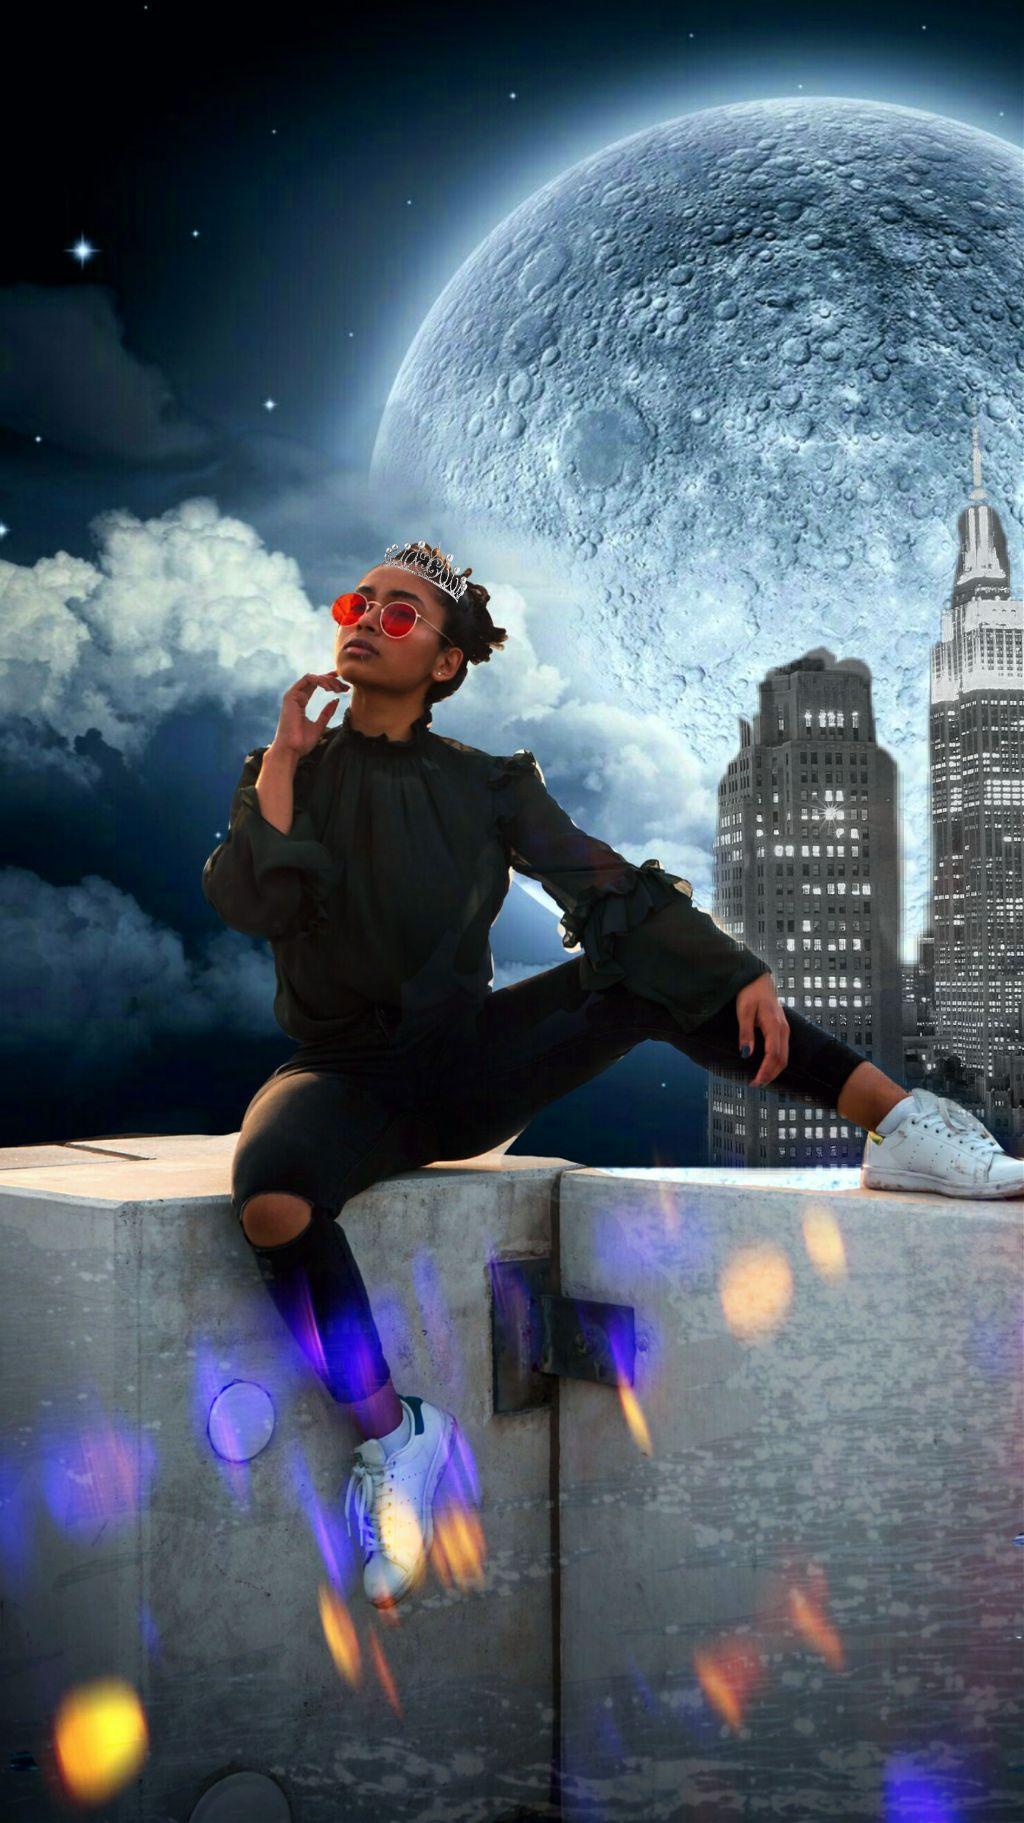 #freetoedit #night #roof #woman #camera #remix